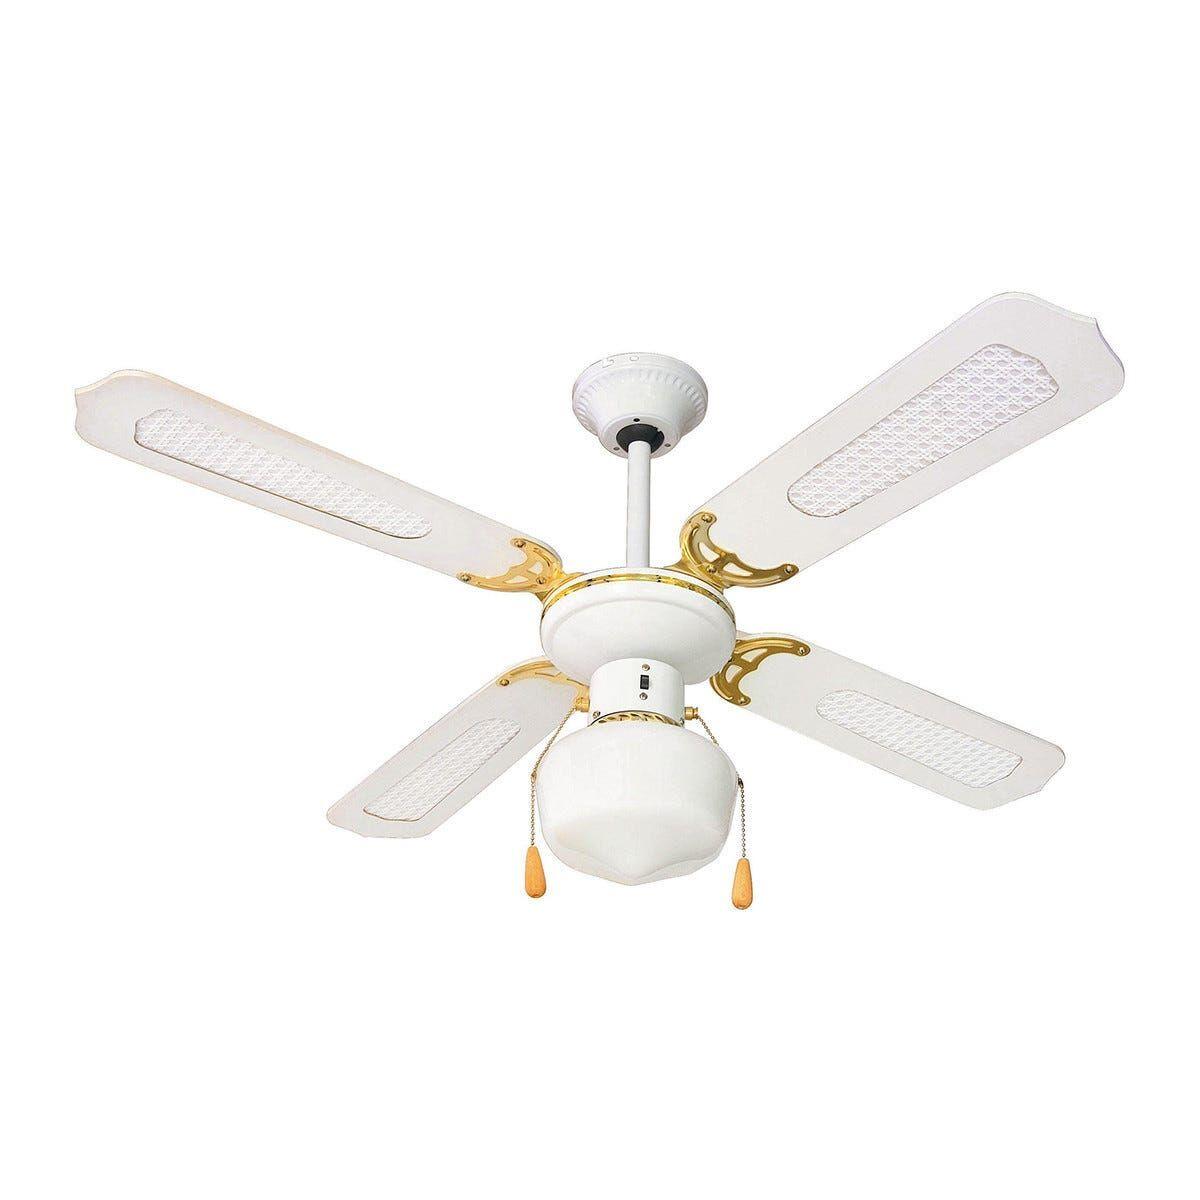 ventilatore da soffitto 4 pale Ø 107 cm bianco con rattan luce e comando a cordicella